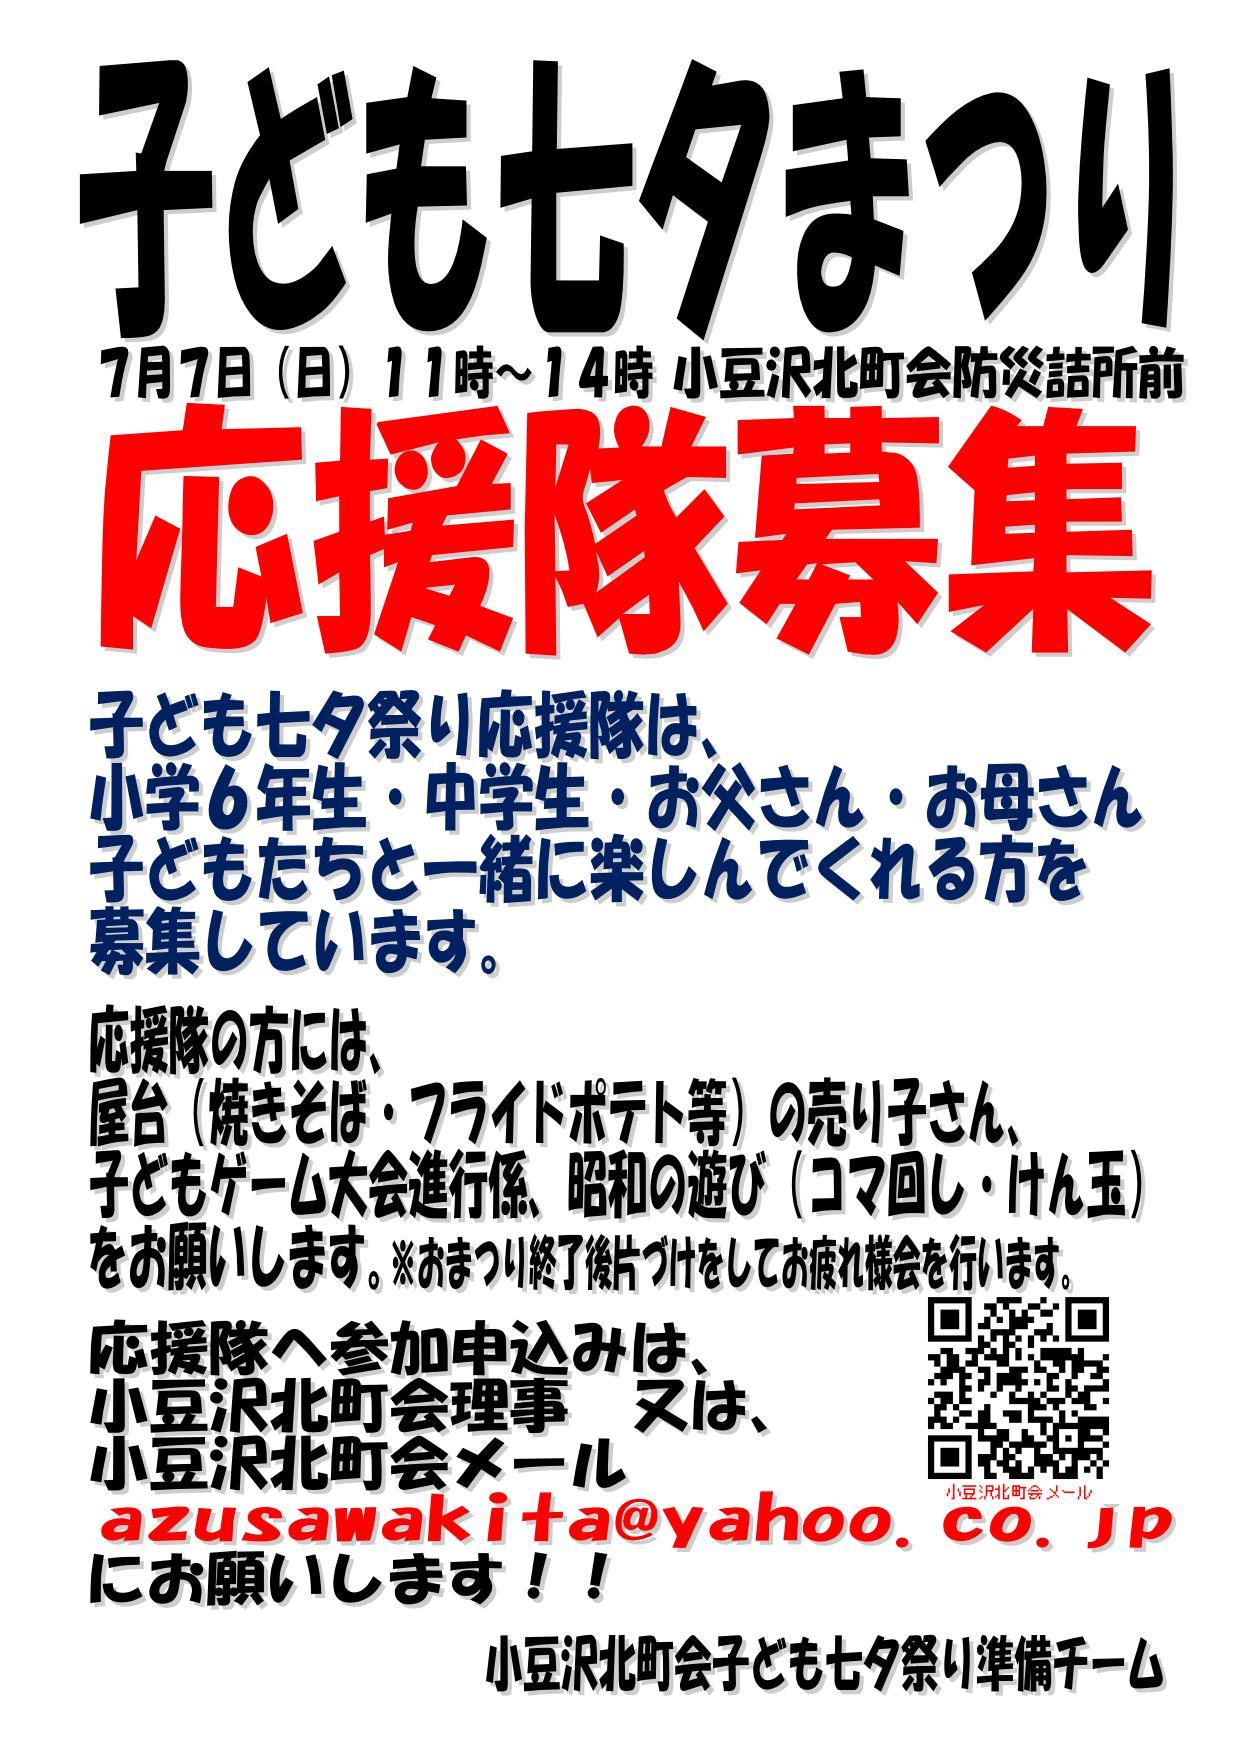 2013年7月7日七夕まつり応援団ポスター